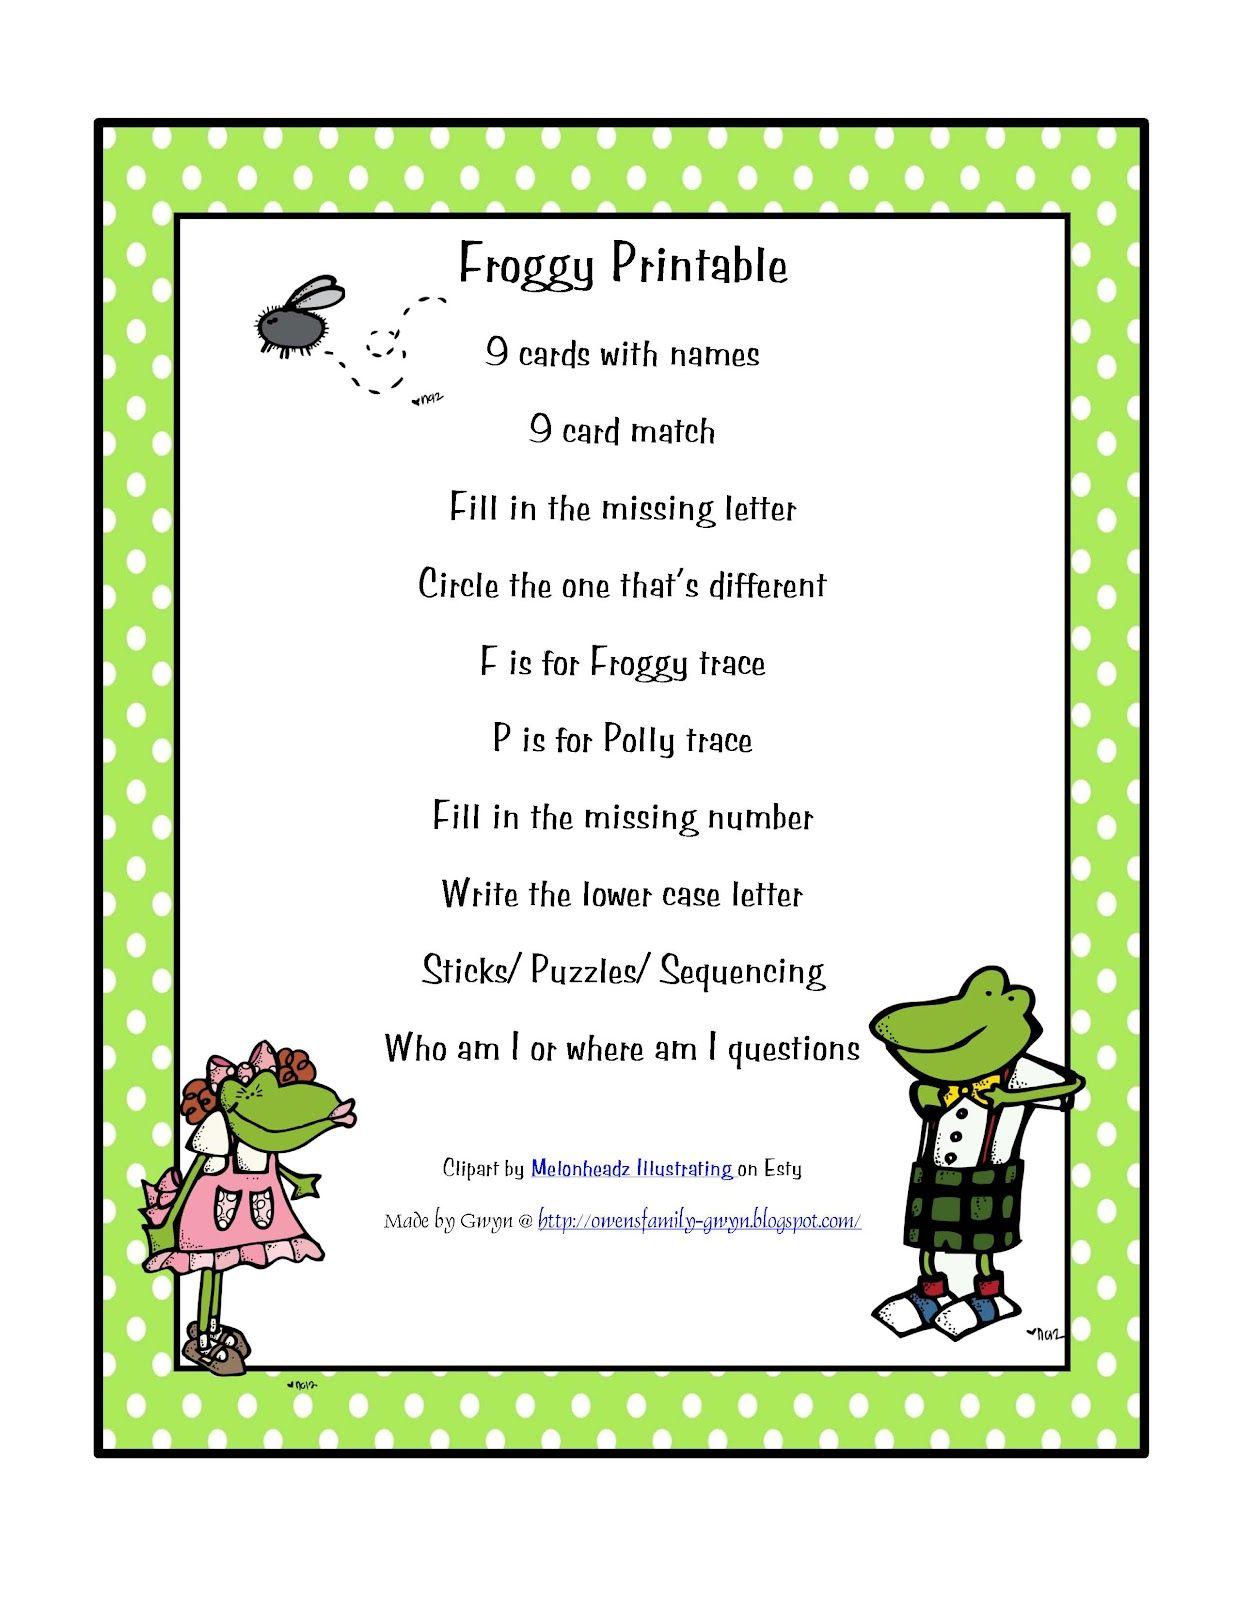 Froggy Printable